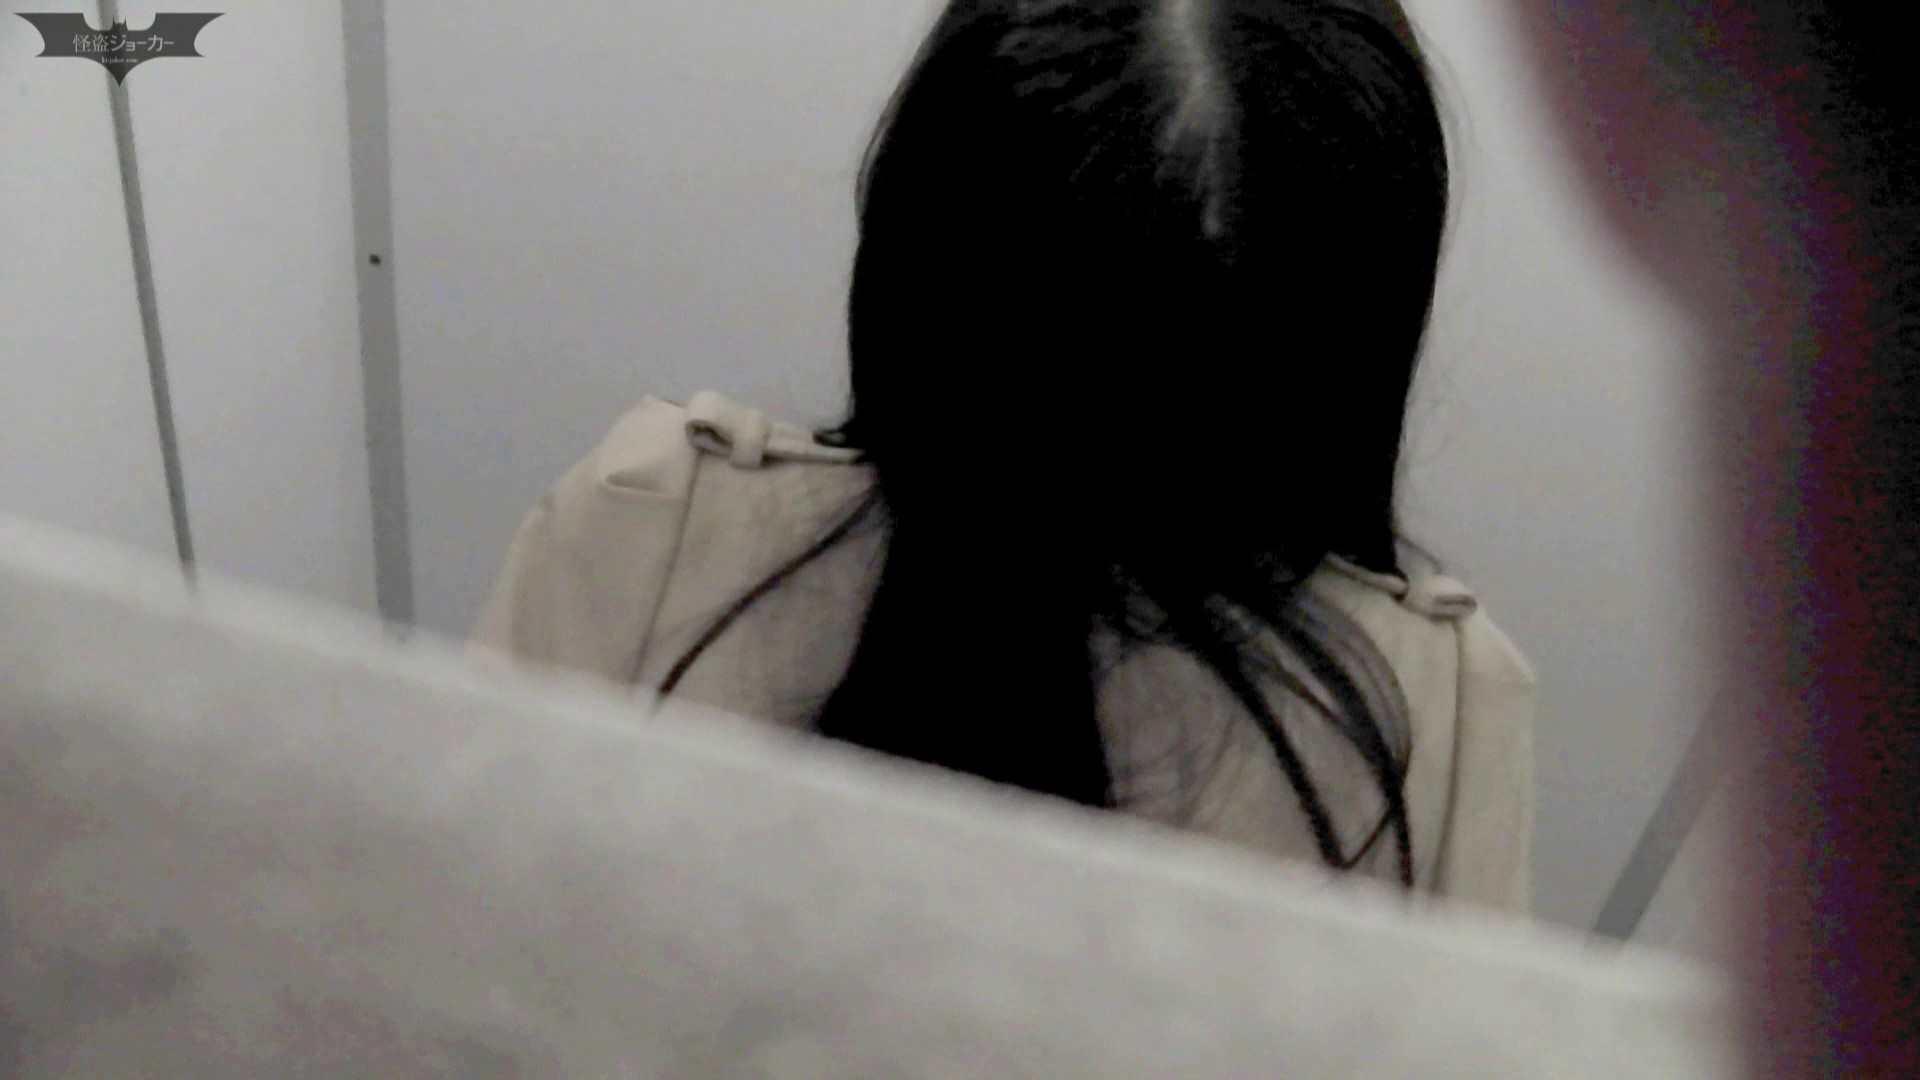 下からノゾム vol.018 スタイルいい子に、ついついて入っちゃった。 エッチすぎるOL達 | 0  101連発 31